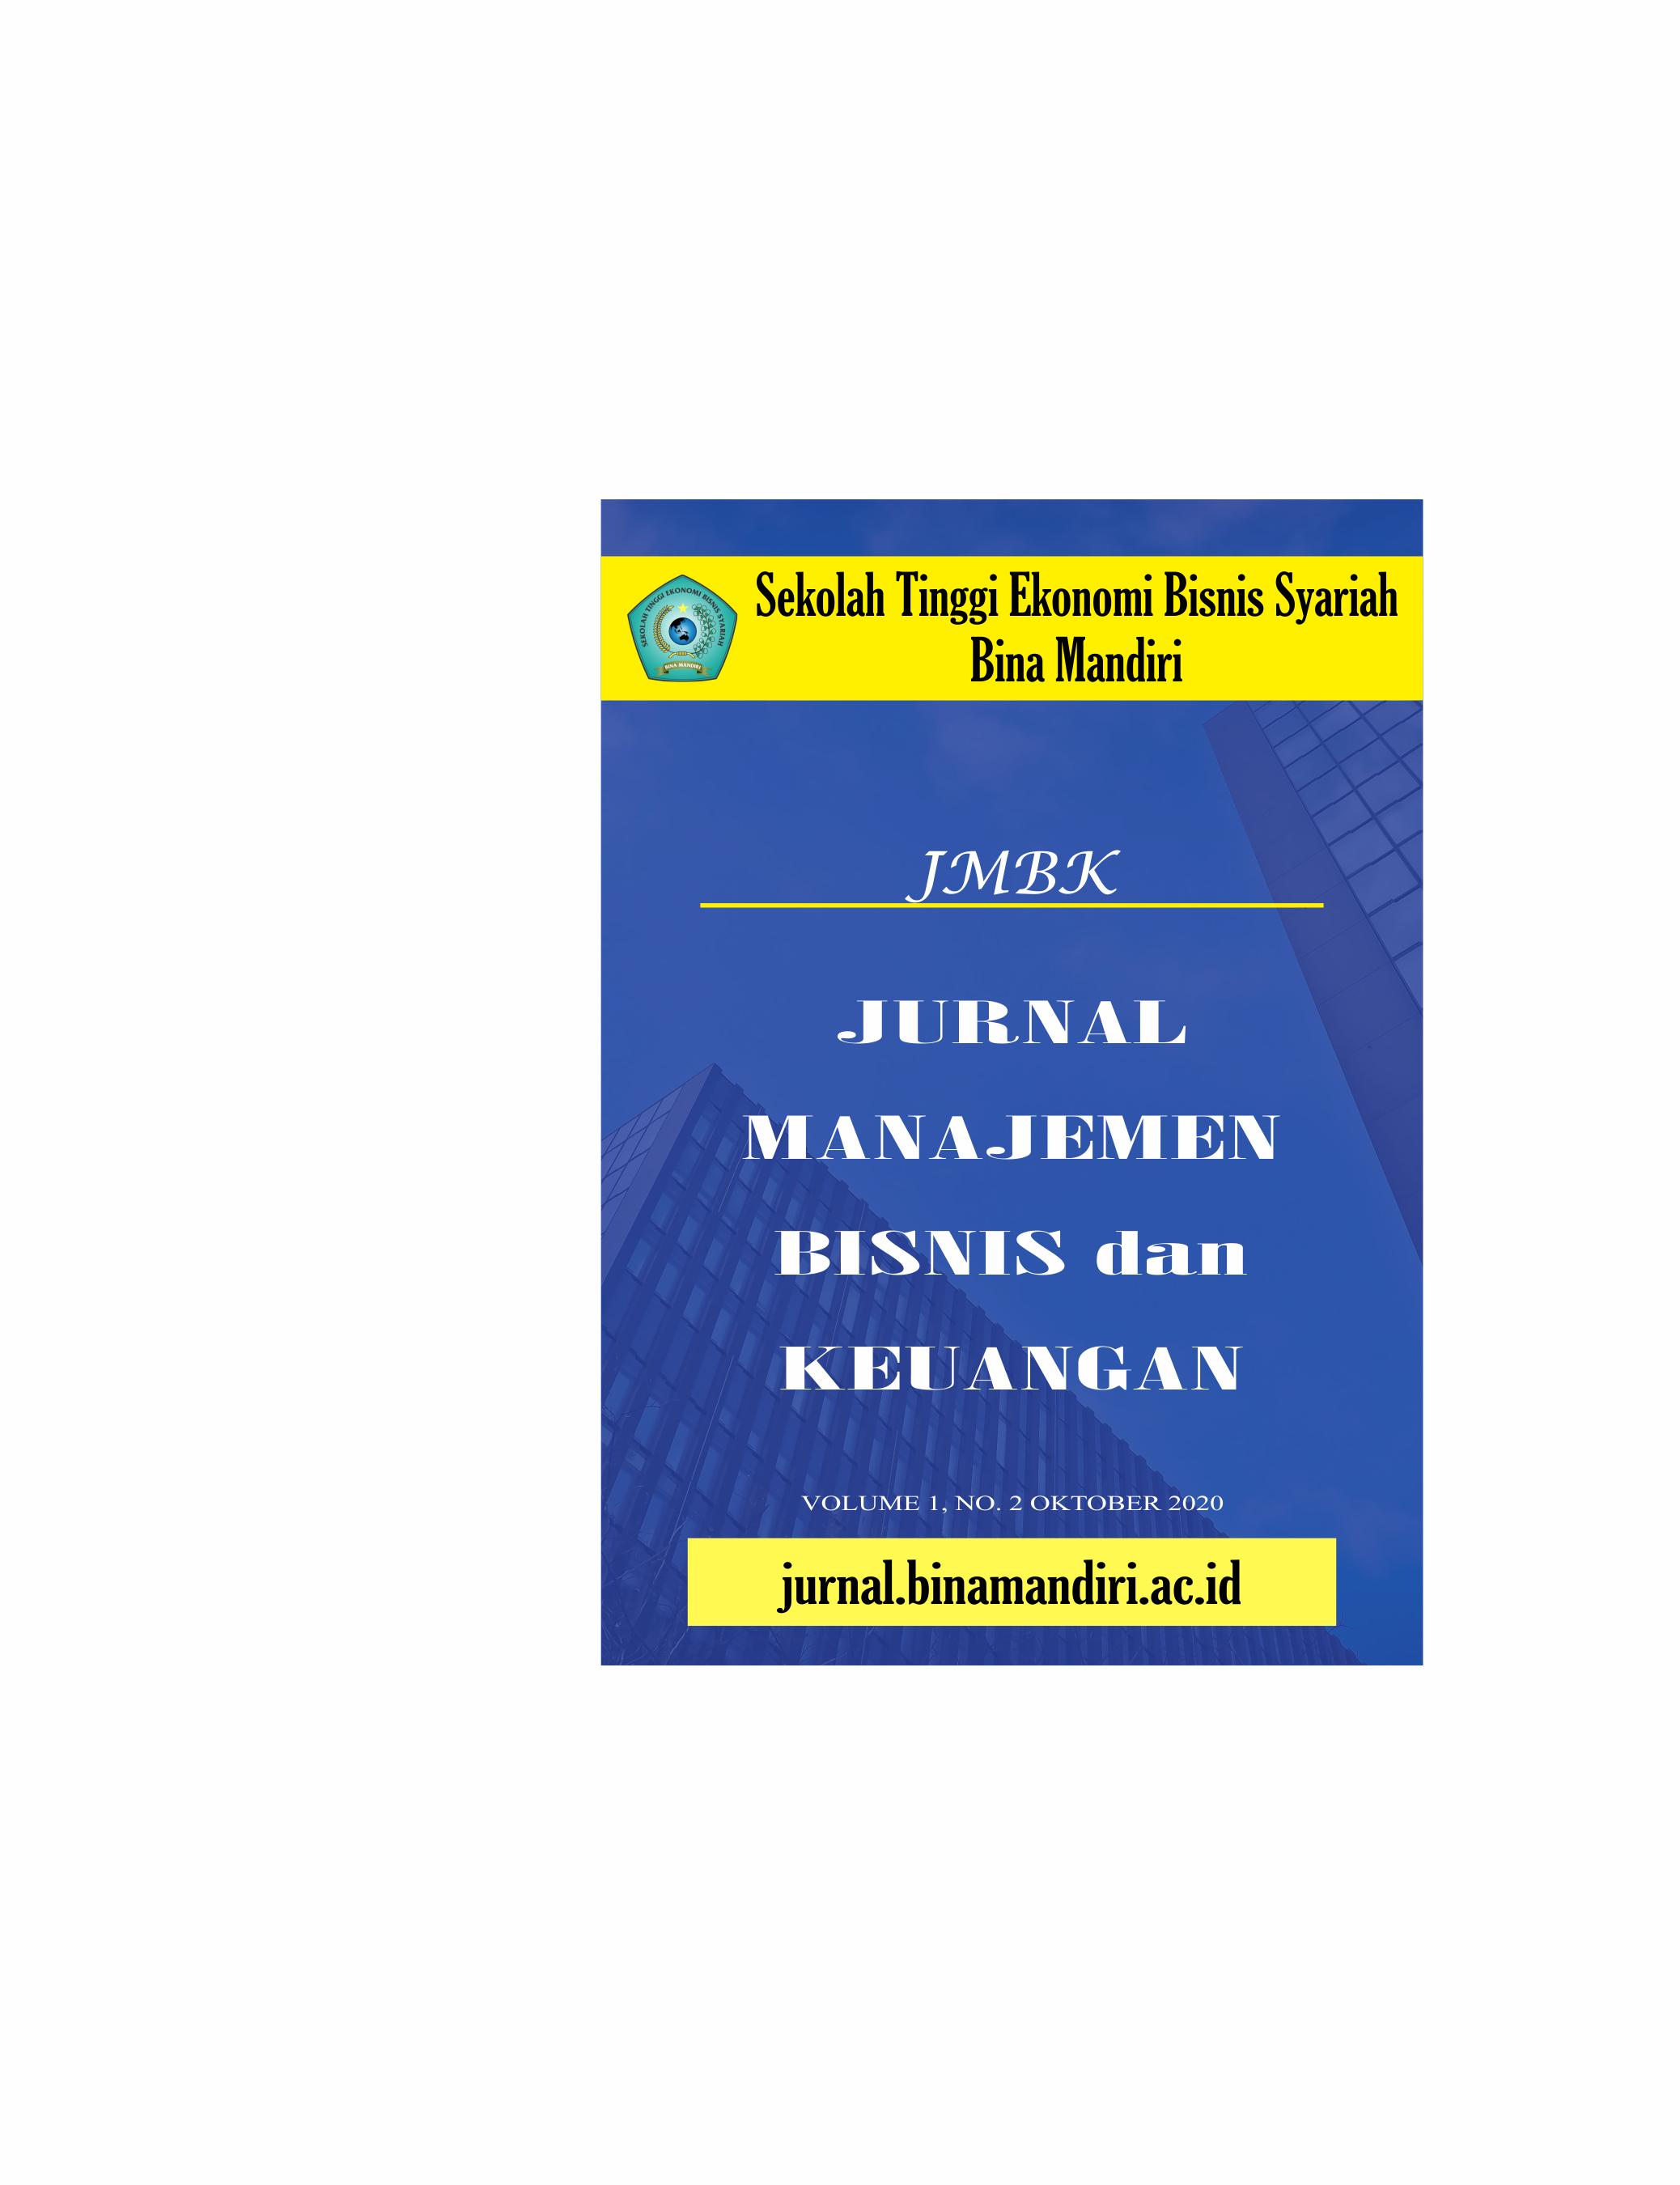 Lihat Vol 1 No 2 (2020): Vol `1, No.2 (OKTOBER, 2020): JURNAL MANAJEMEN BISNIS dan KEUANGAN VOLUME 1 NO 2 TAHUN 2020